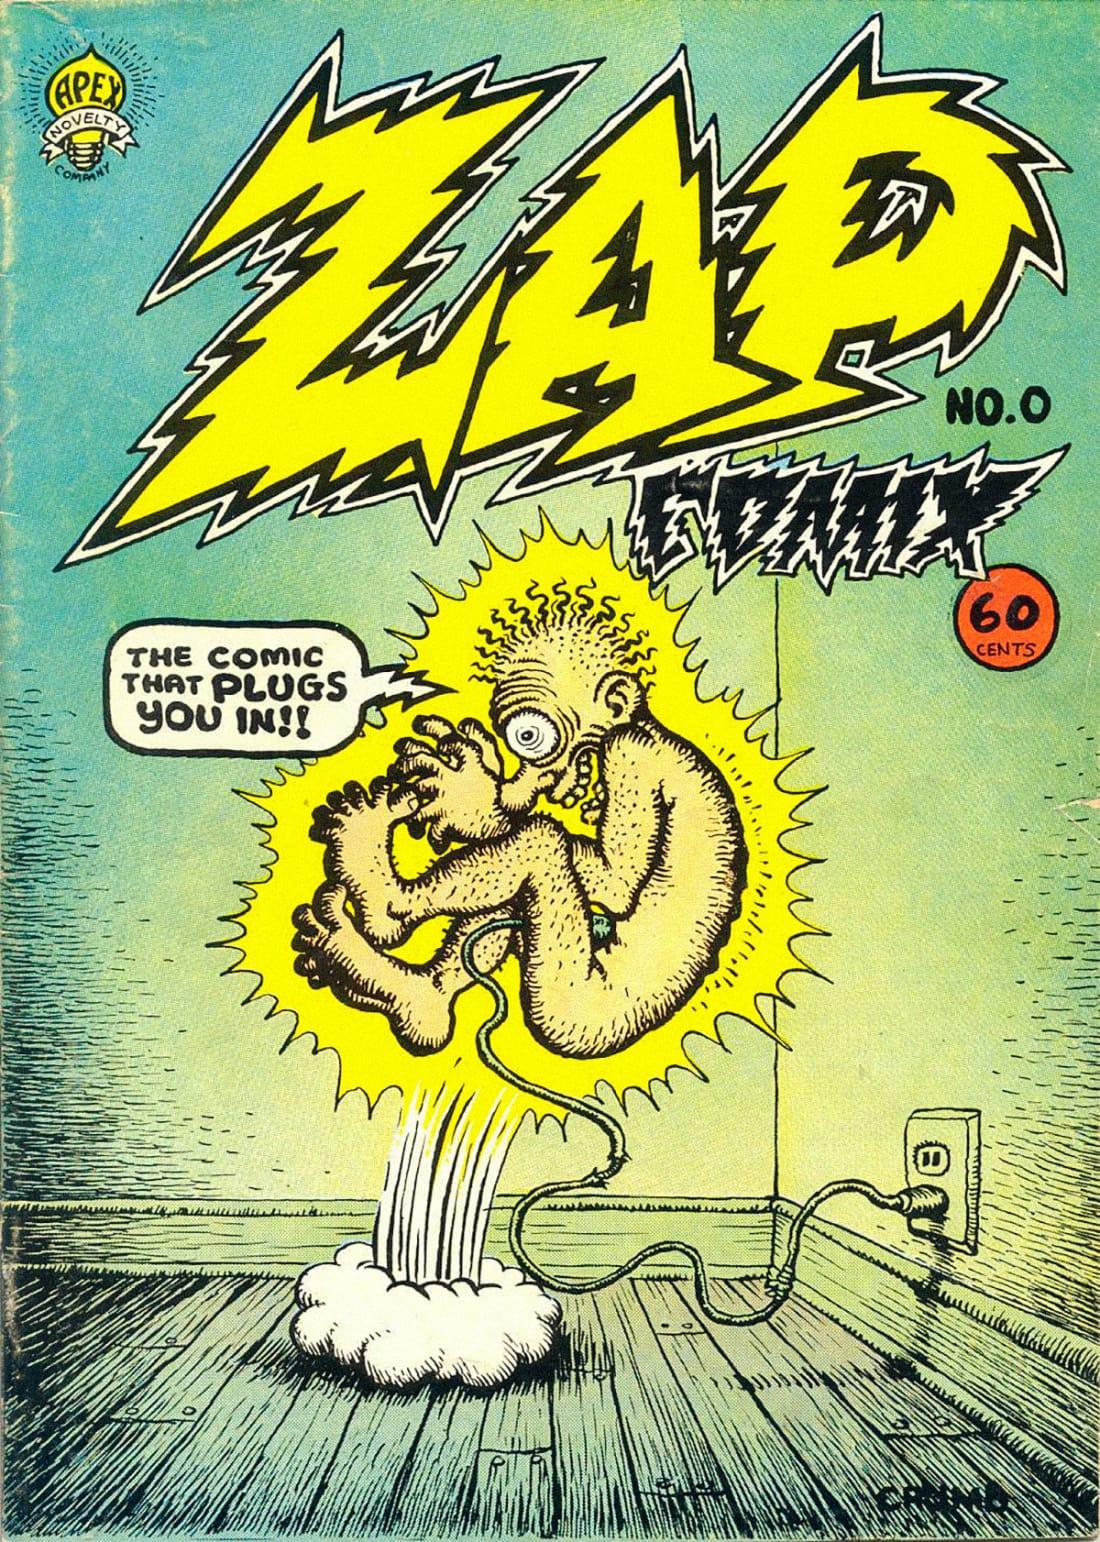 Robert Crumb's Zap Comix